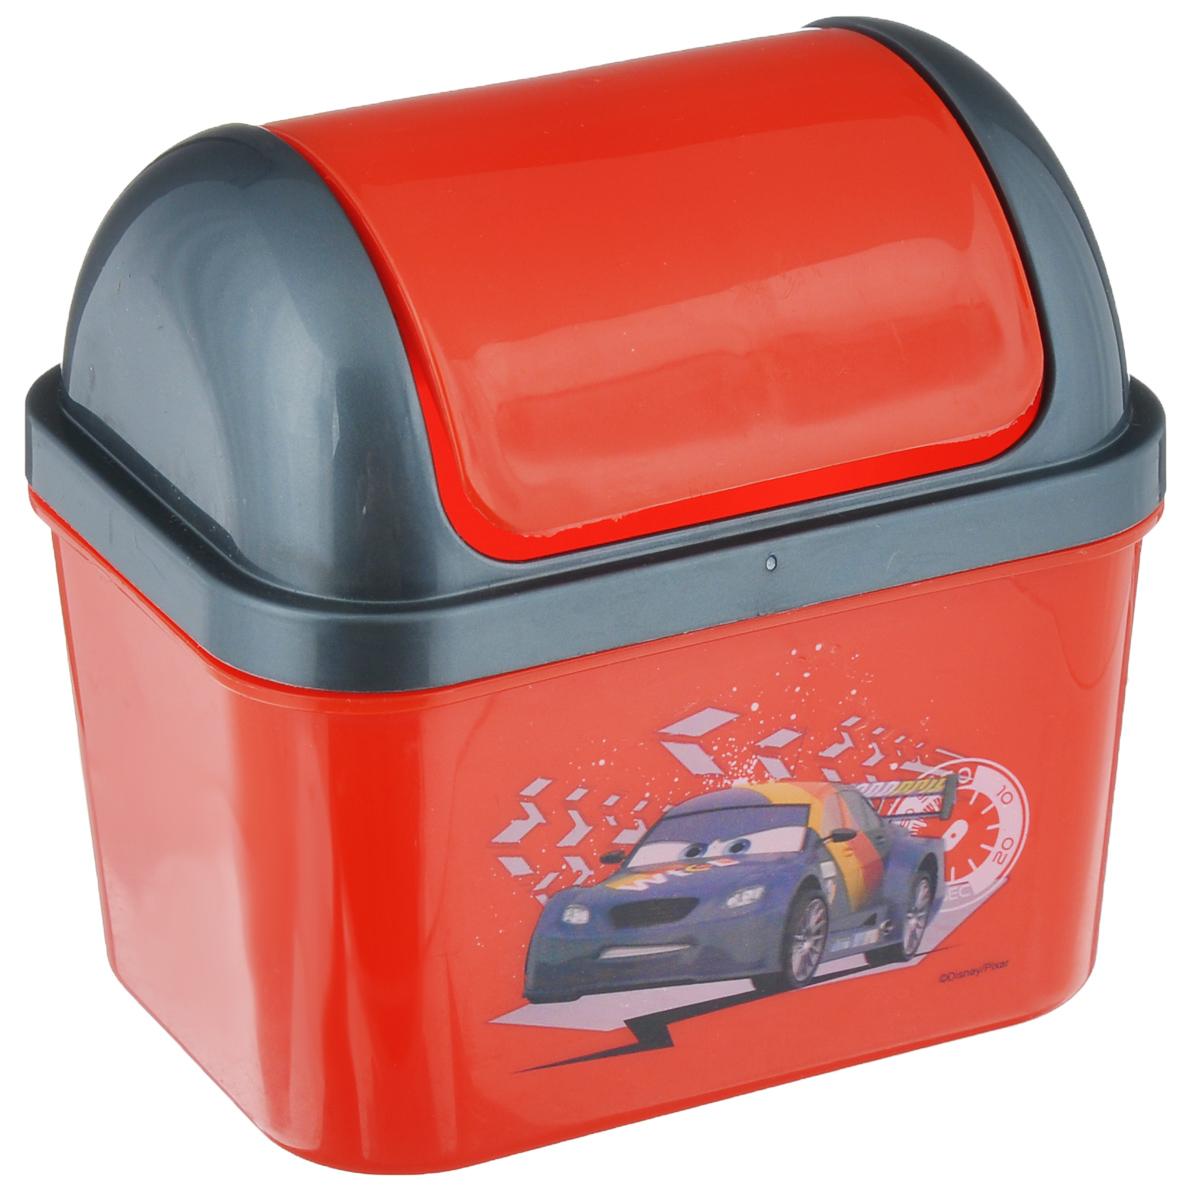 Контейнер для мусора Полимербыт Тачки, 0,5С49077Детский контейнер для мусора Полимербыт Тачки выполнен из высококачественного пластика и украшен изображением героя мультфильма. Изделие оснащено плавающей крышкой. Такой контейнер подойдет для выбрасывания небольших отходов, таких как бумага, стружка карандаша, фантики.Размер контейнера с учетом крышки: 11,5 см х 8,5 см х 11 см.Размер контейнера с без учета крышки: 11,5 см х 8,5 см х 7 см.